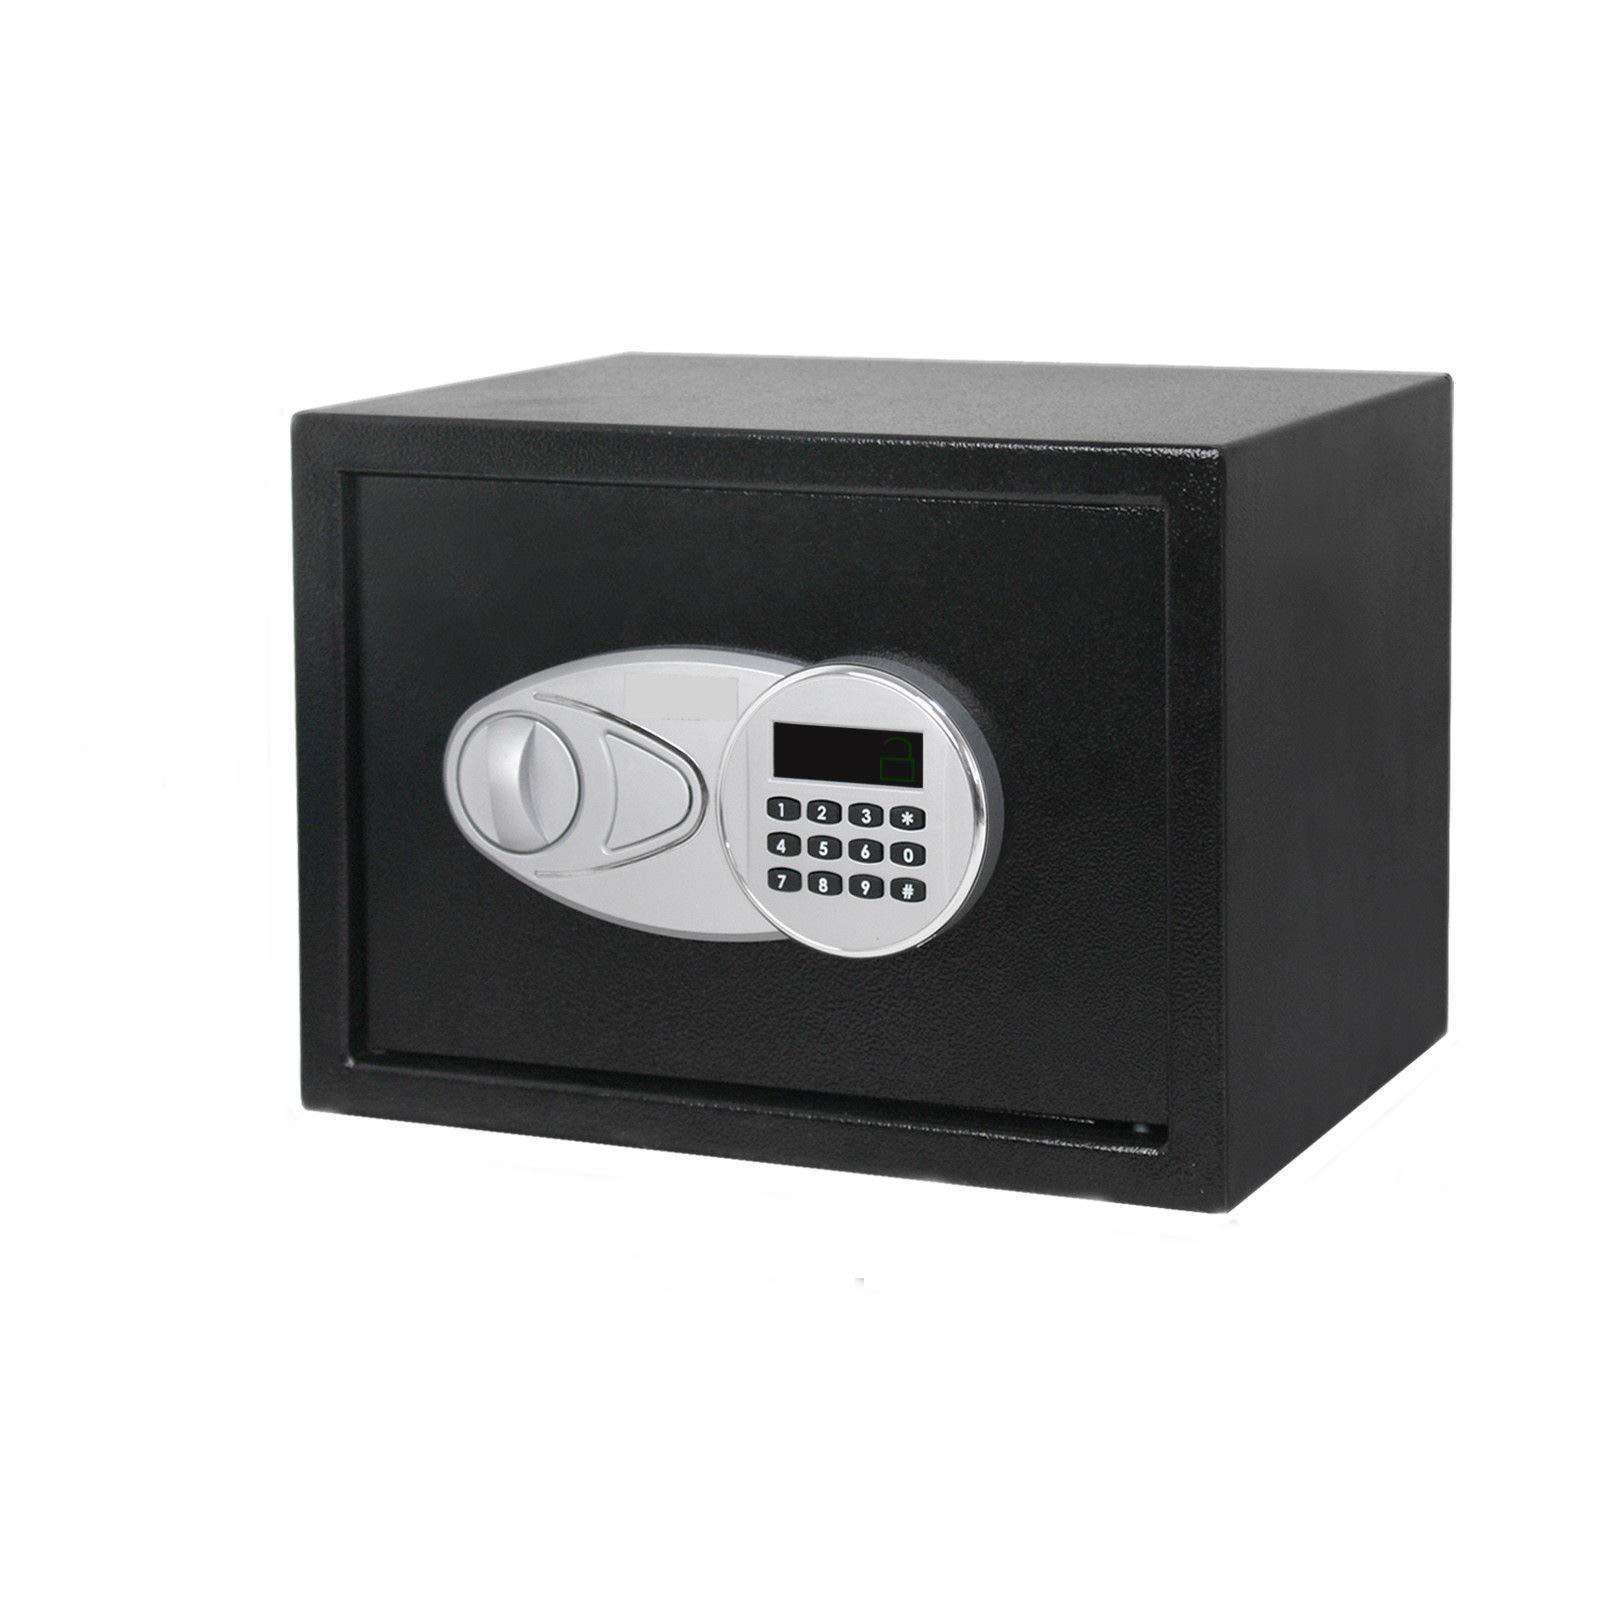 9.8'' Black Digital Safe Box w/ 2 Key with Ebook